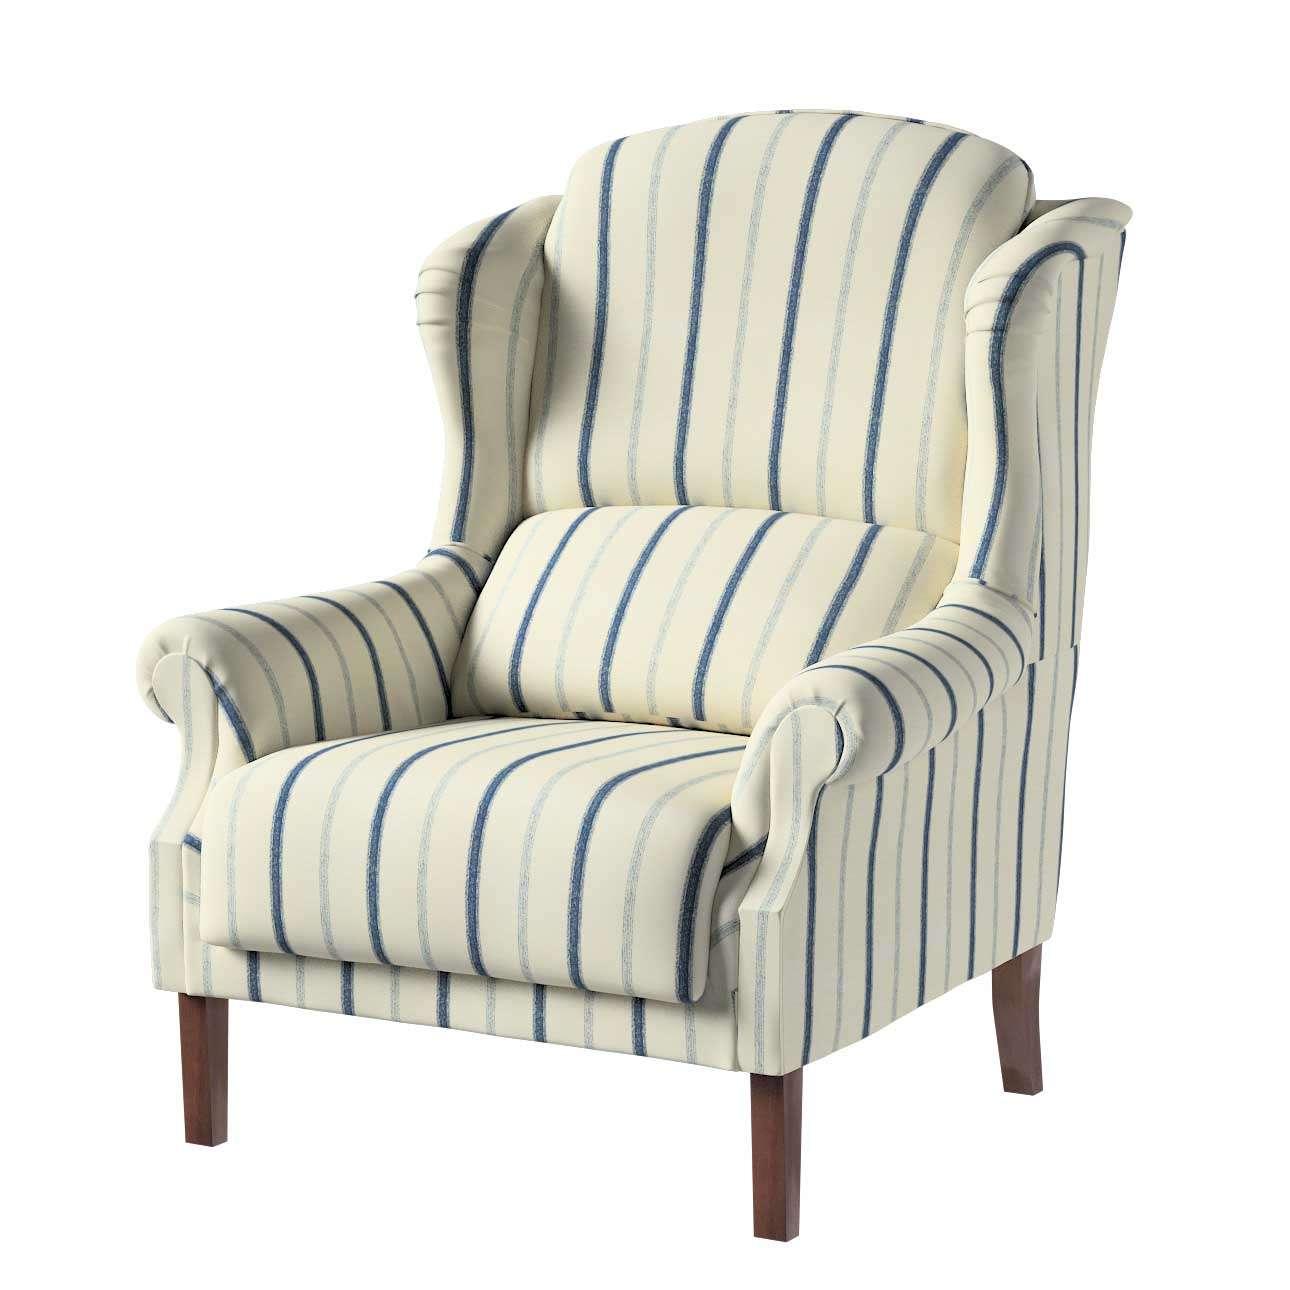 Sessel 63 x 115 cm von der Kollektion Avinon, Stoff: 129-66